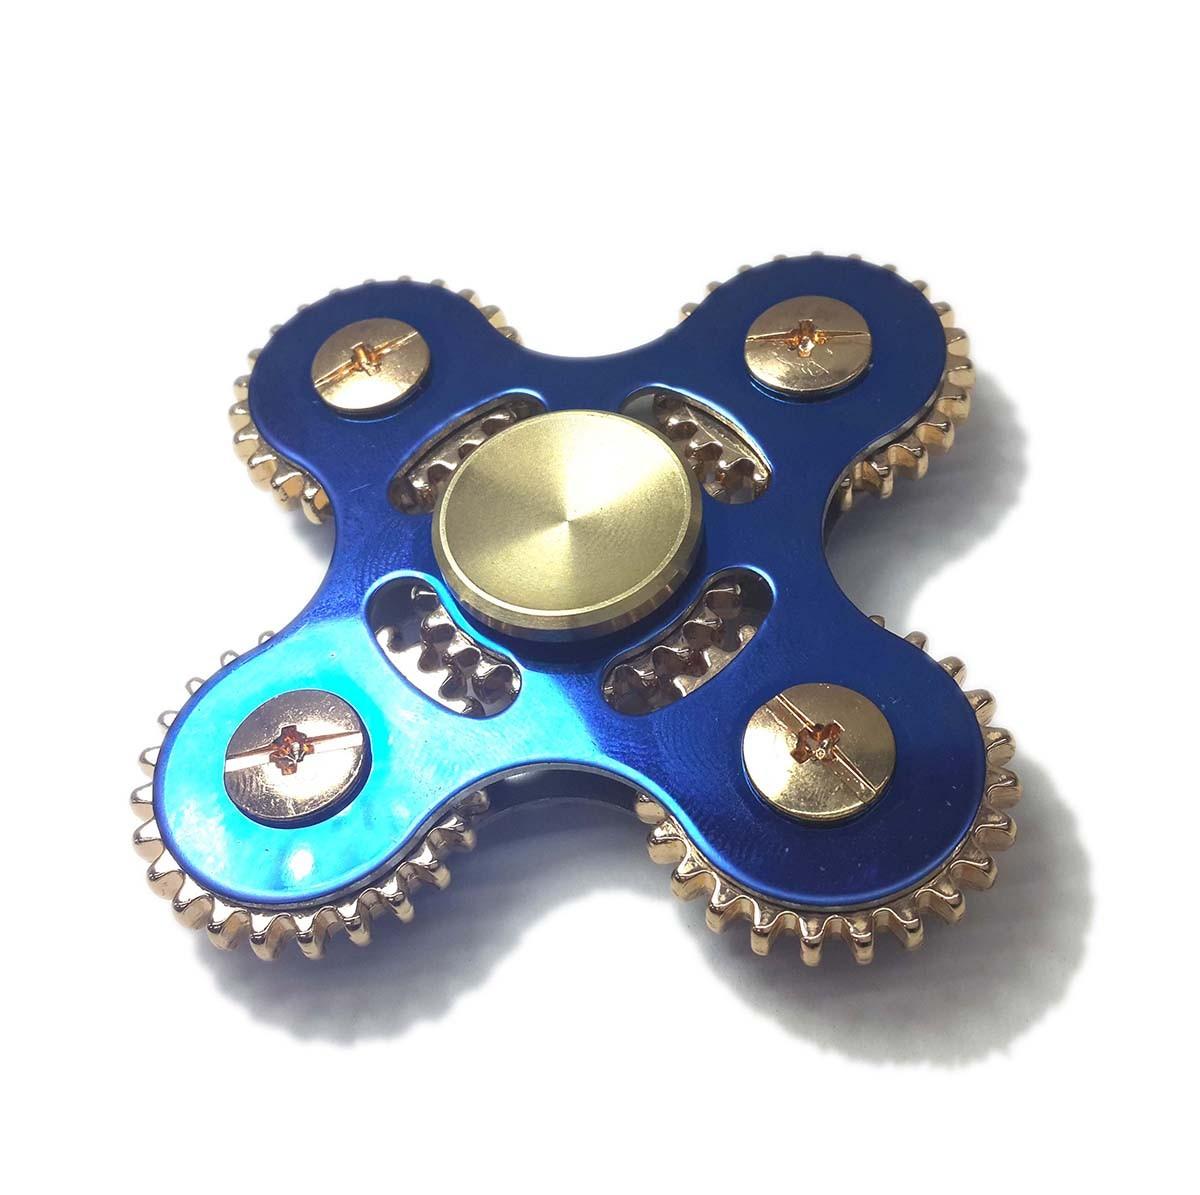 Hand Spinner Fidget De Metal Com Engrenagem Gira Ansiedade Estresse Brinquedo Cor Azul (bsl-gira-11)